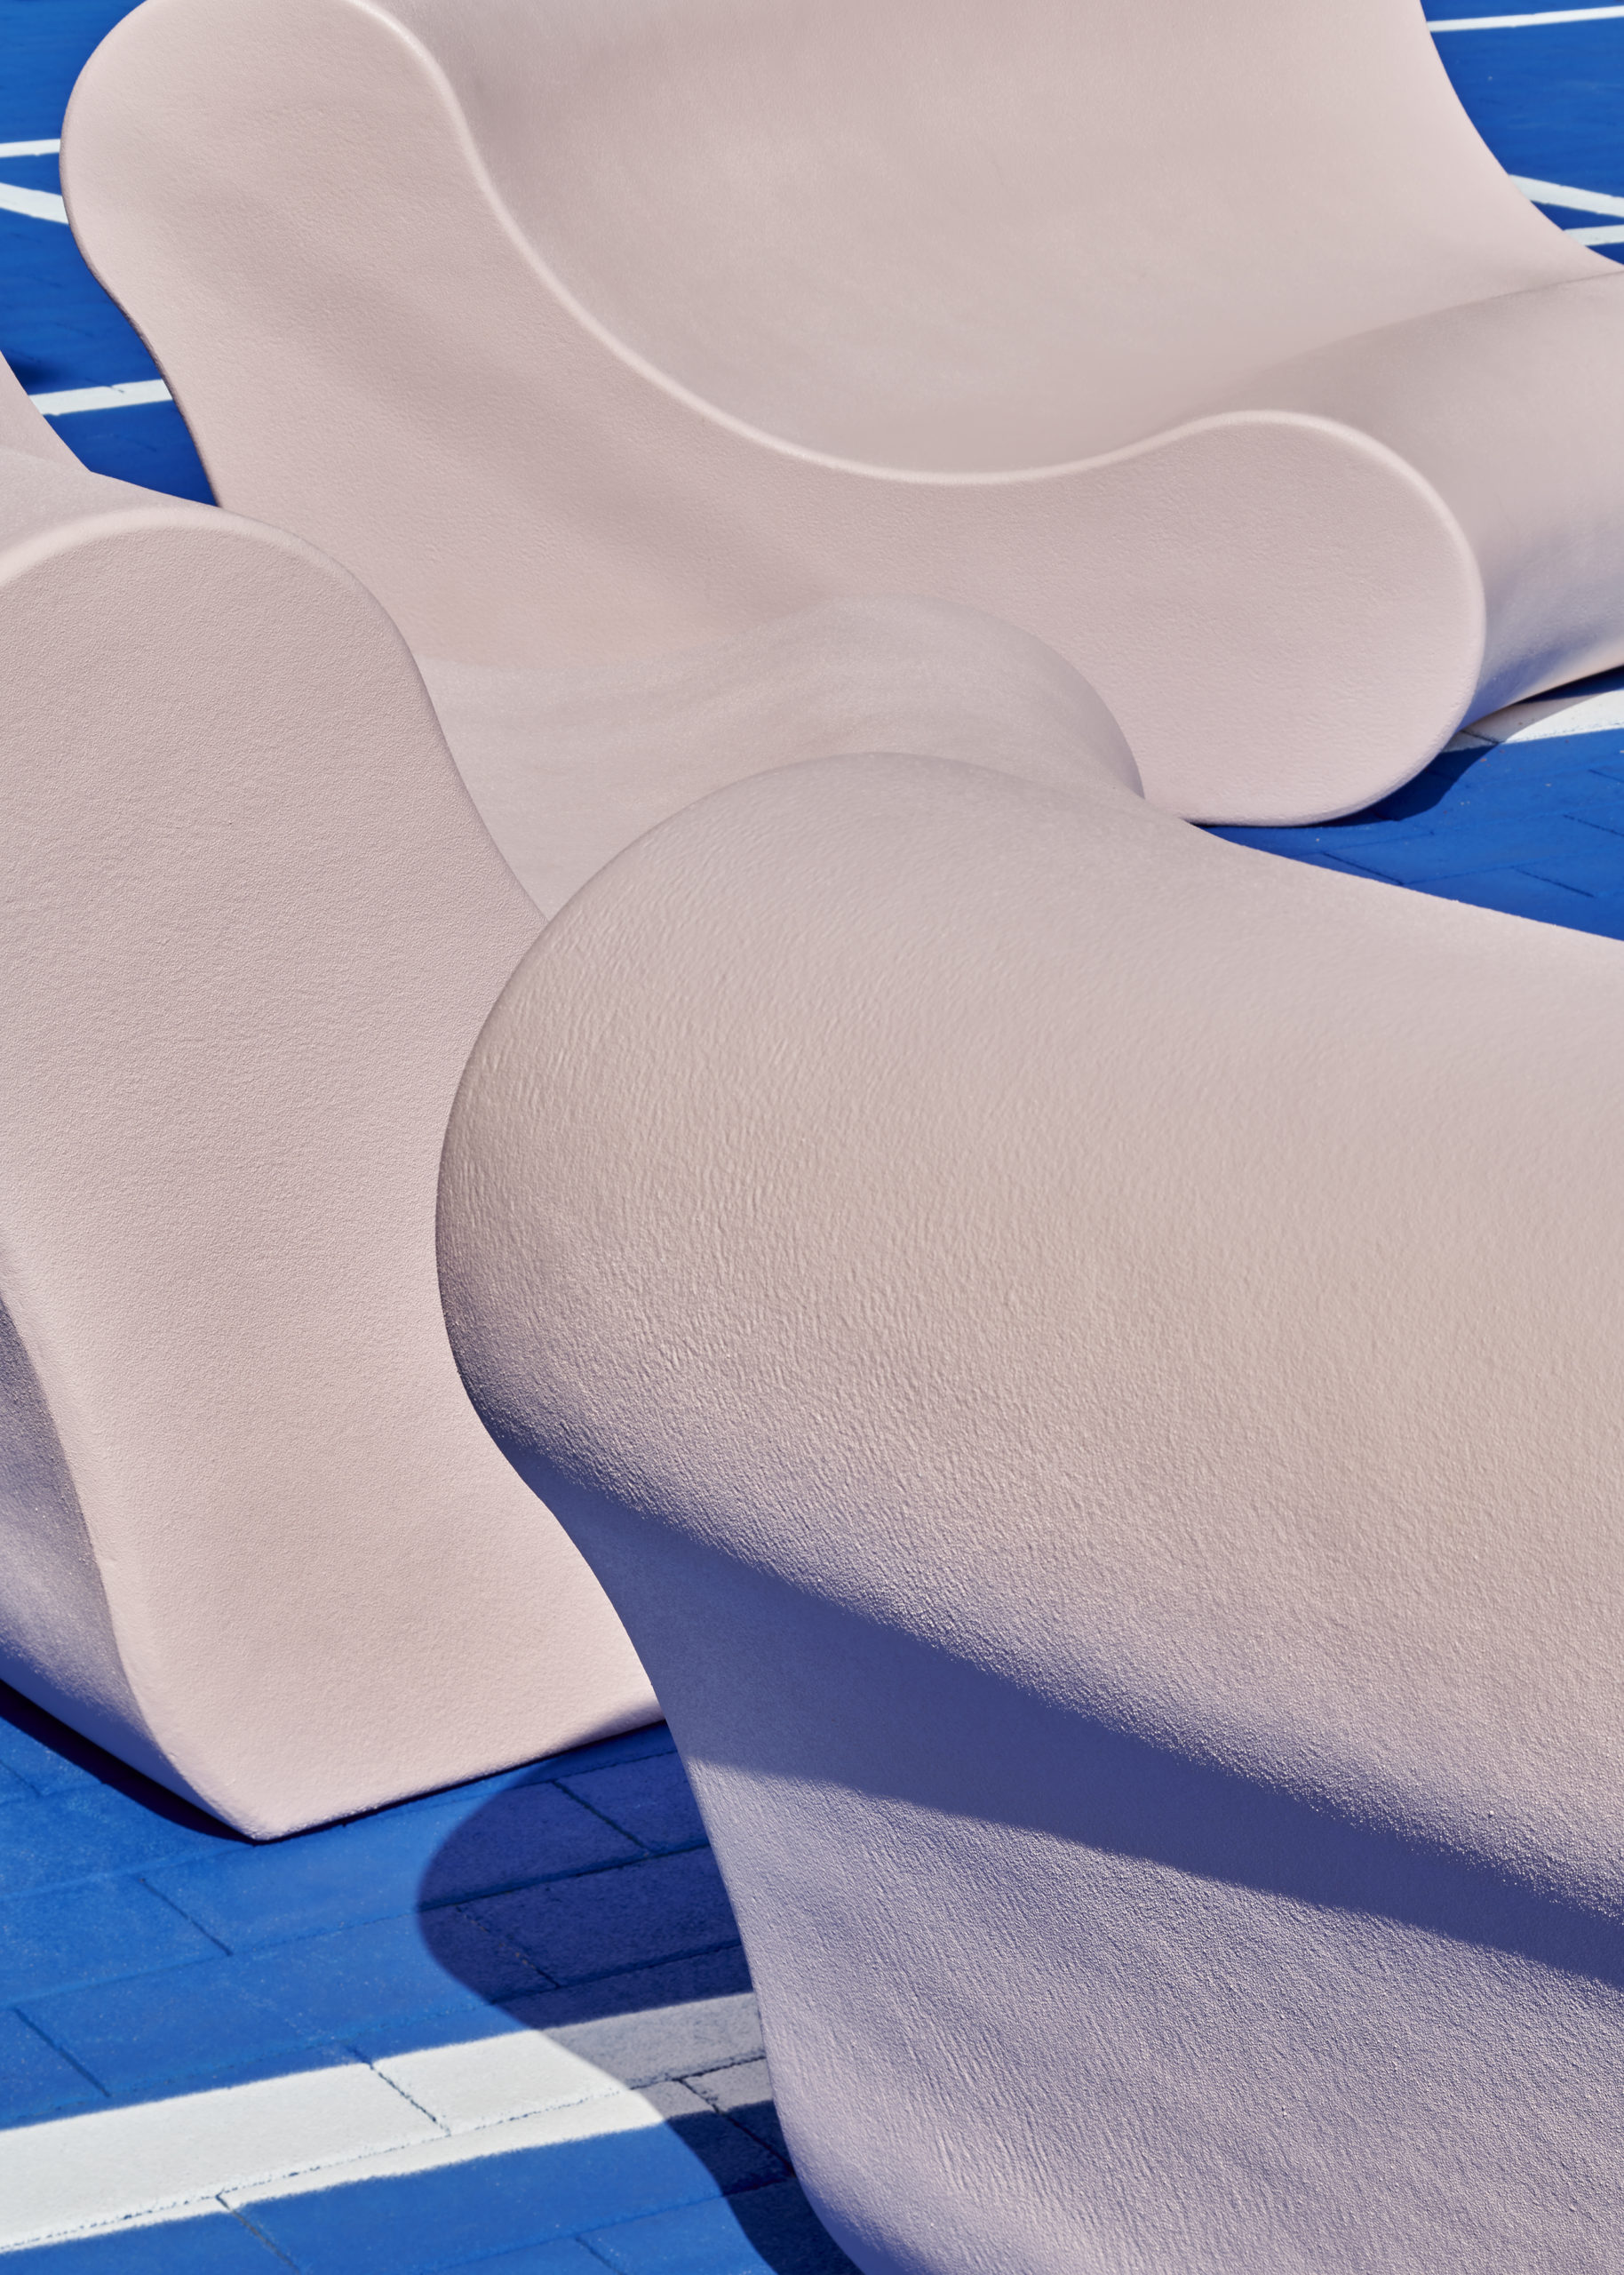 The Splash © Pim Top voor Arttenders x Cindy Bakker